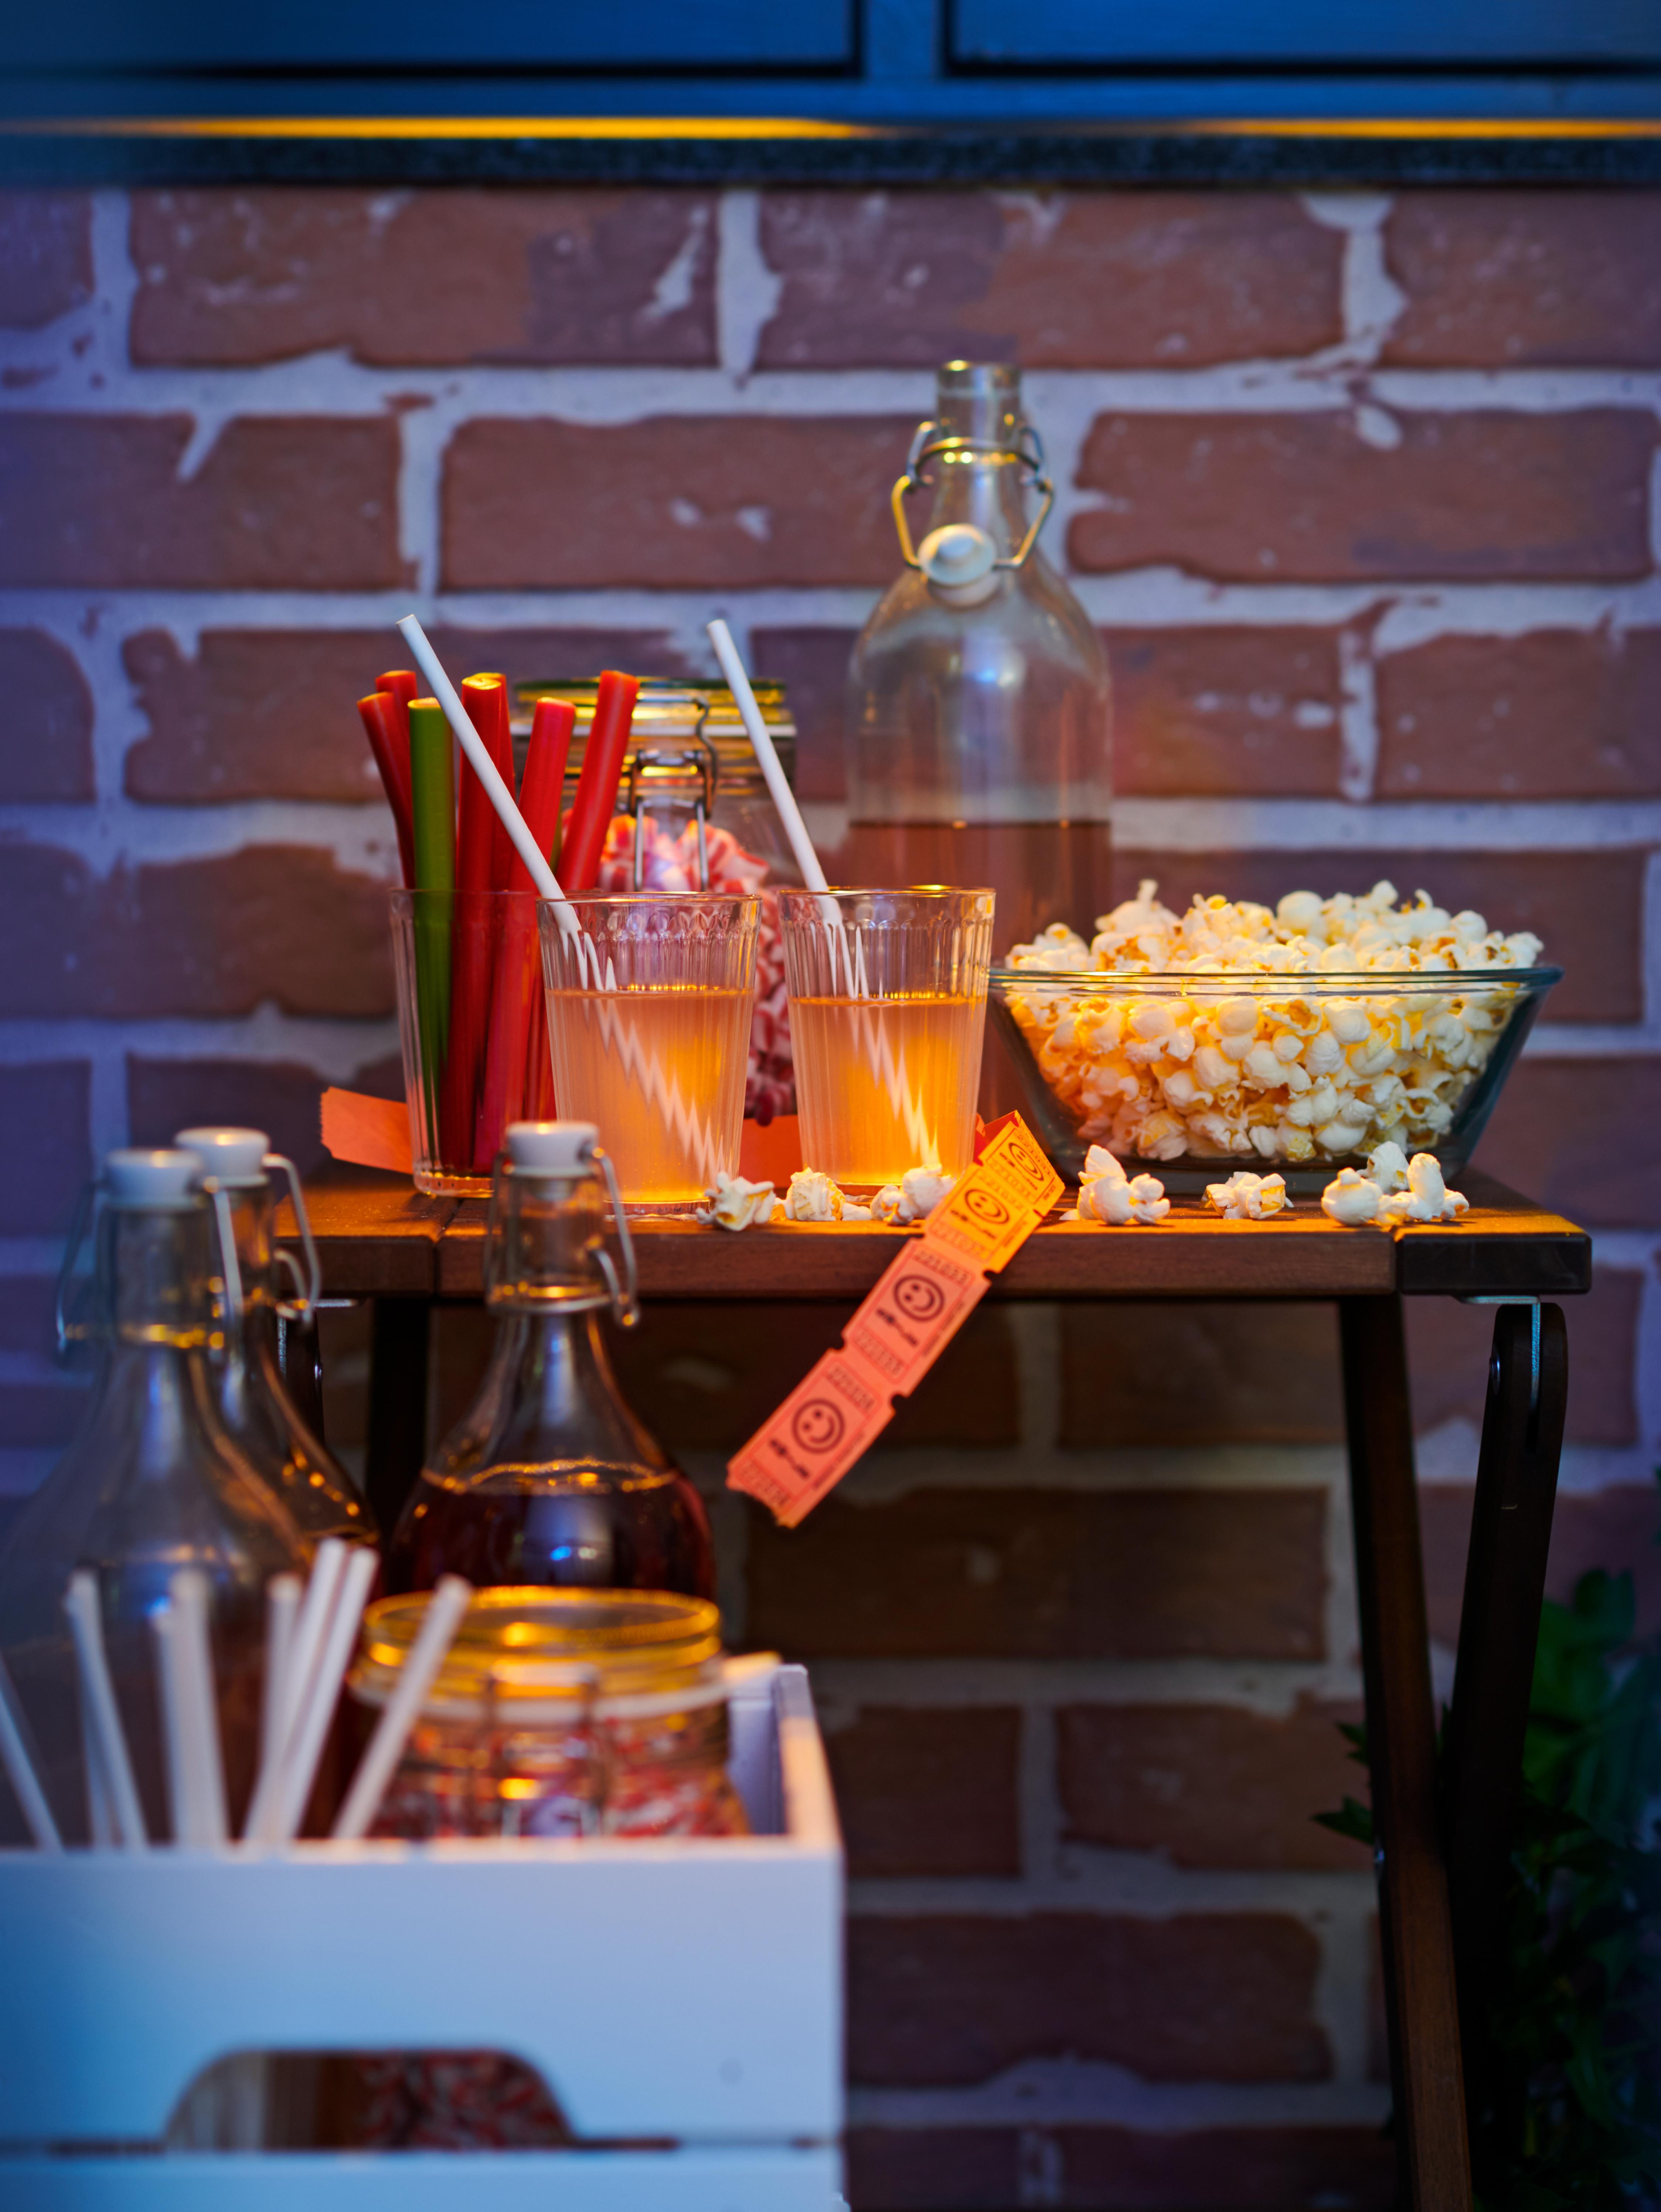 Ett bord med snacks på en tegelbalkong som förberetts för filmkväll. På bordet finns en skål med popcorn och drycker med FÖRNYANDE sugrör av papper.